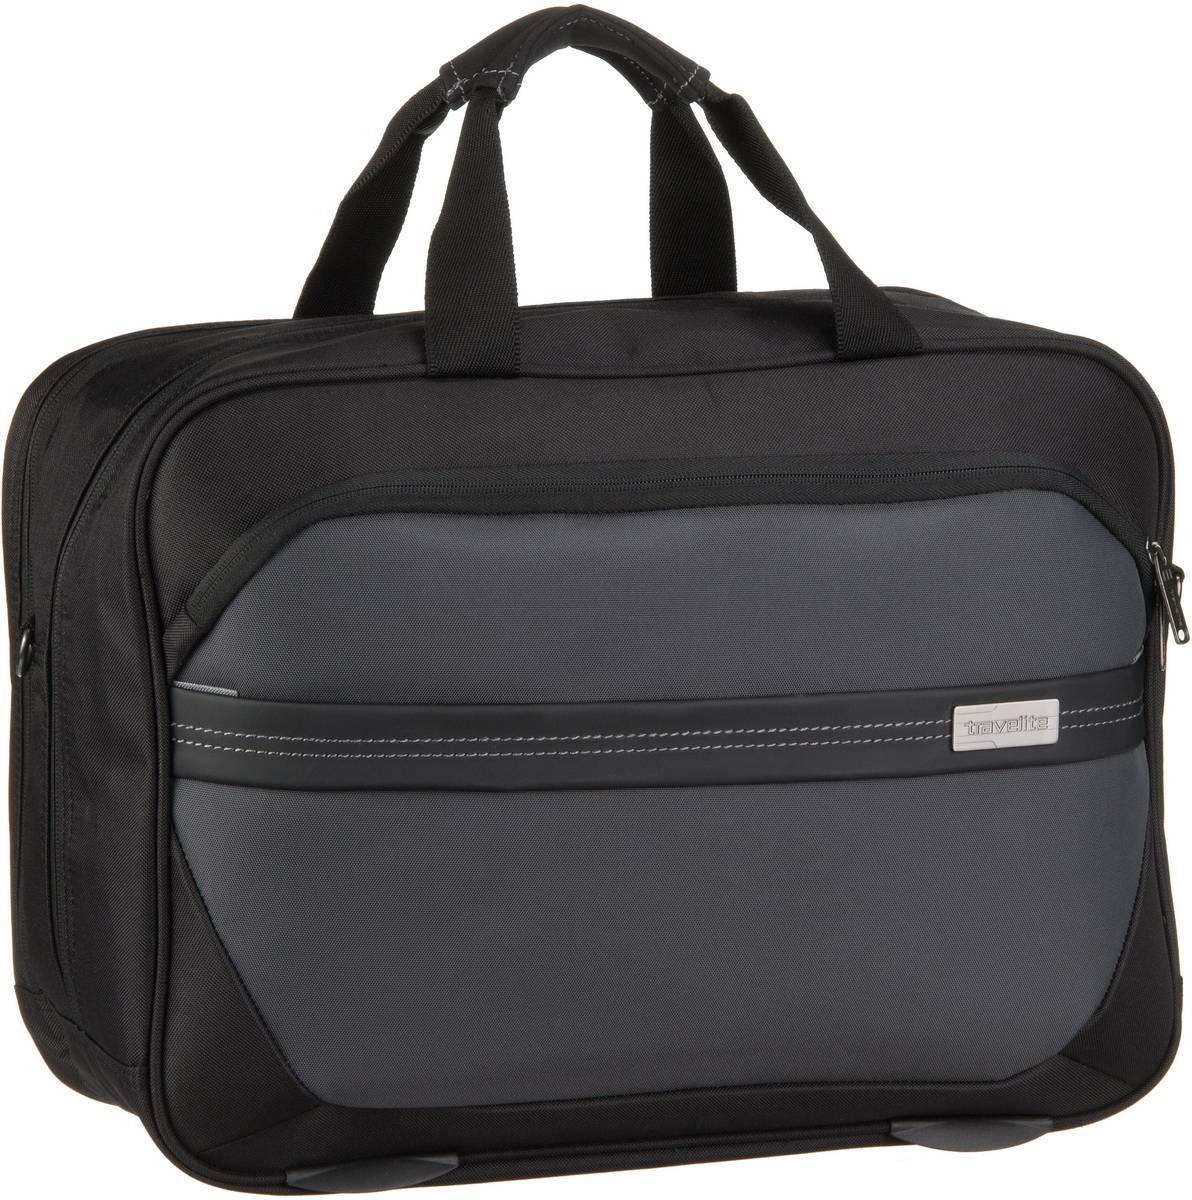 Businesstaschen für Frauen - travelite Aktentasche Meteor Bordtasche Schwarz  - Onlineshop Taschenkaufhaus